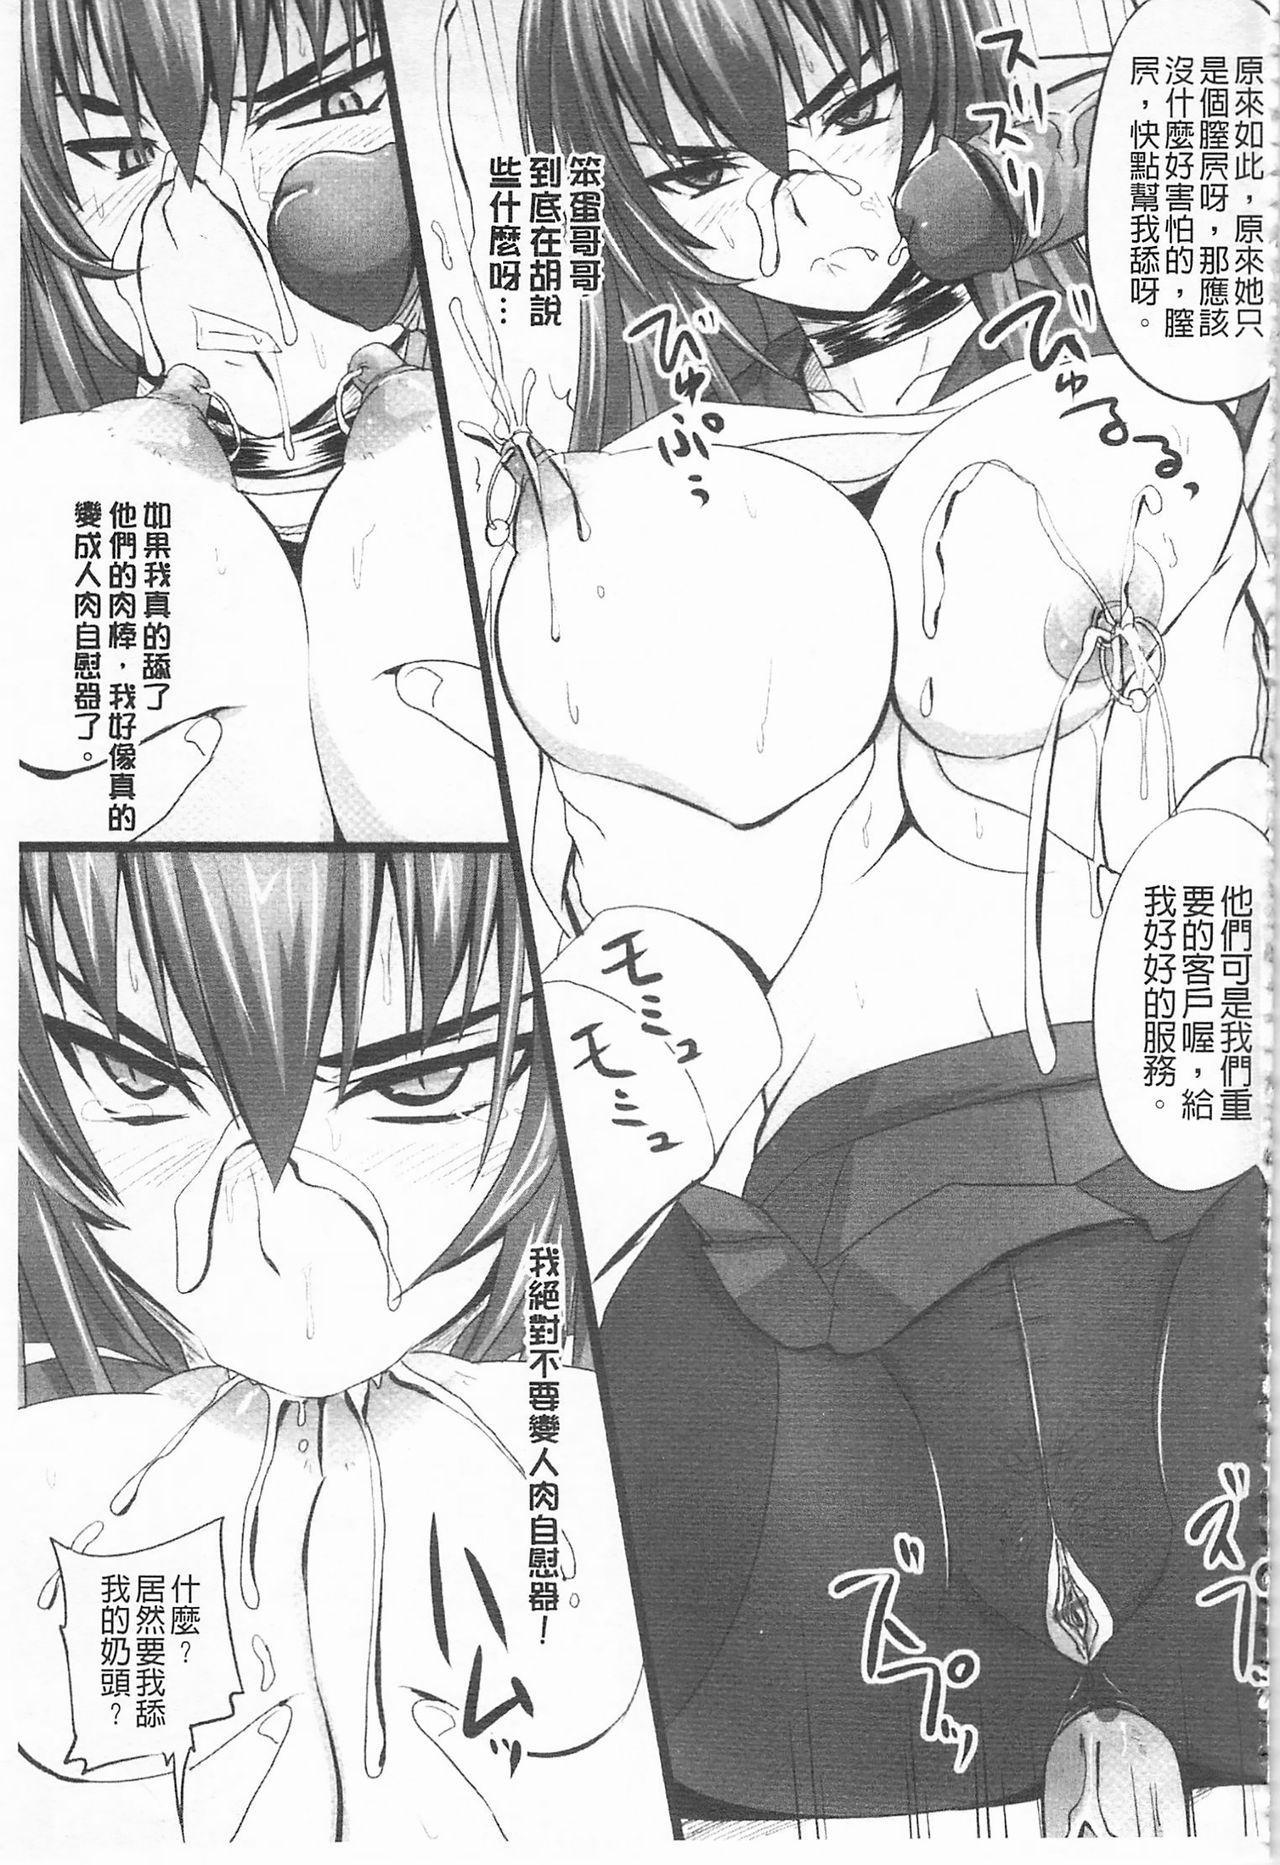 [Nozarashi Satoru] Do S na Hime wa Kegasareru -Ouhou no Shou-   超S的公主被玷汙了 ~報應之章~ [Chinese] 151